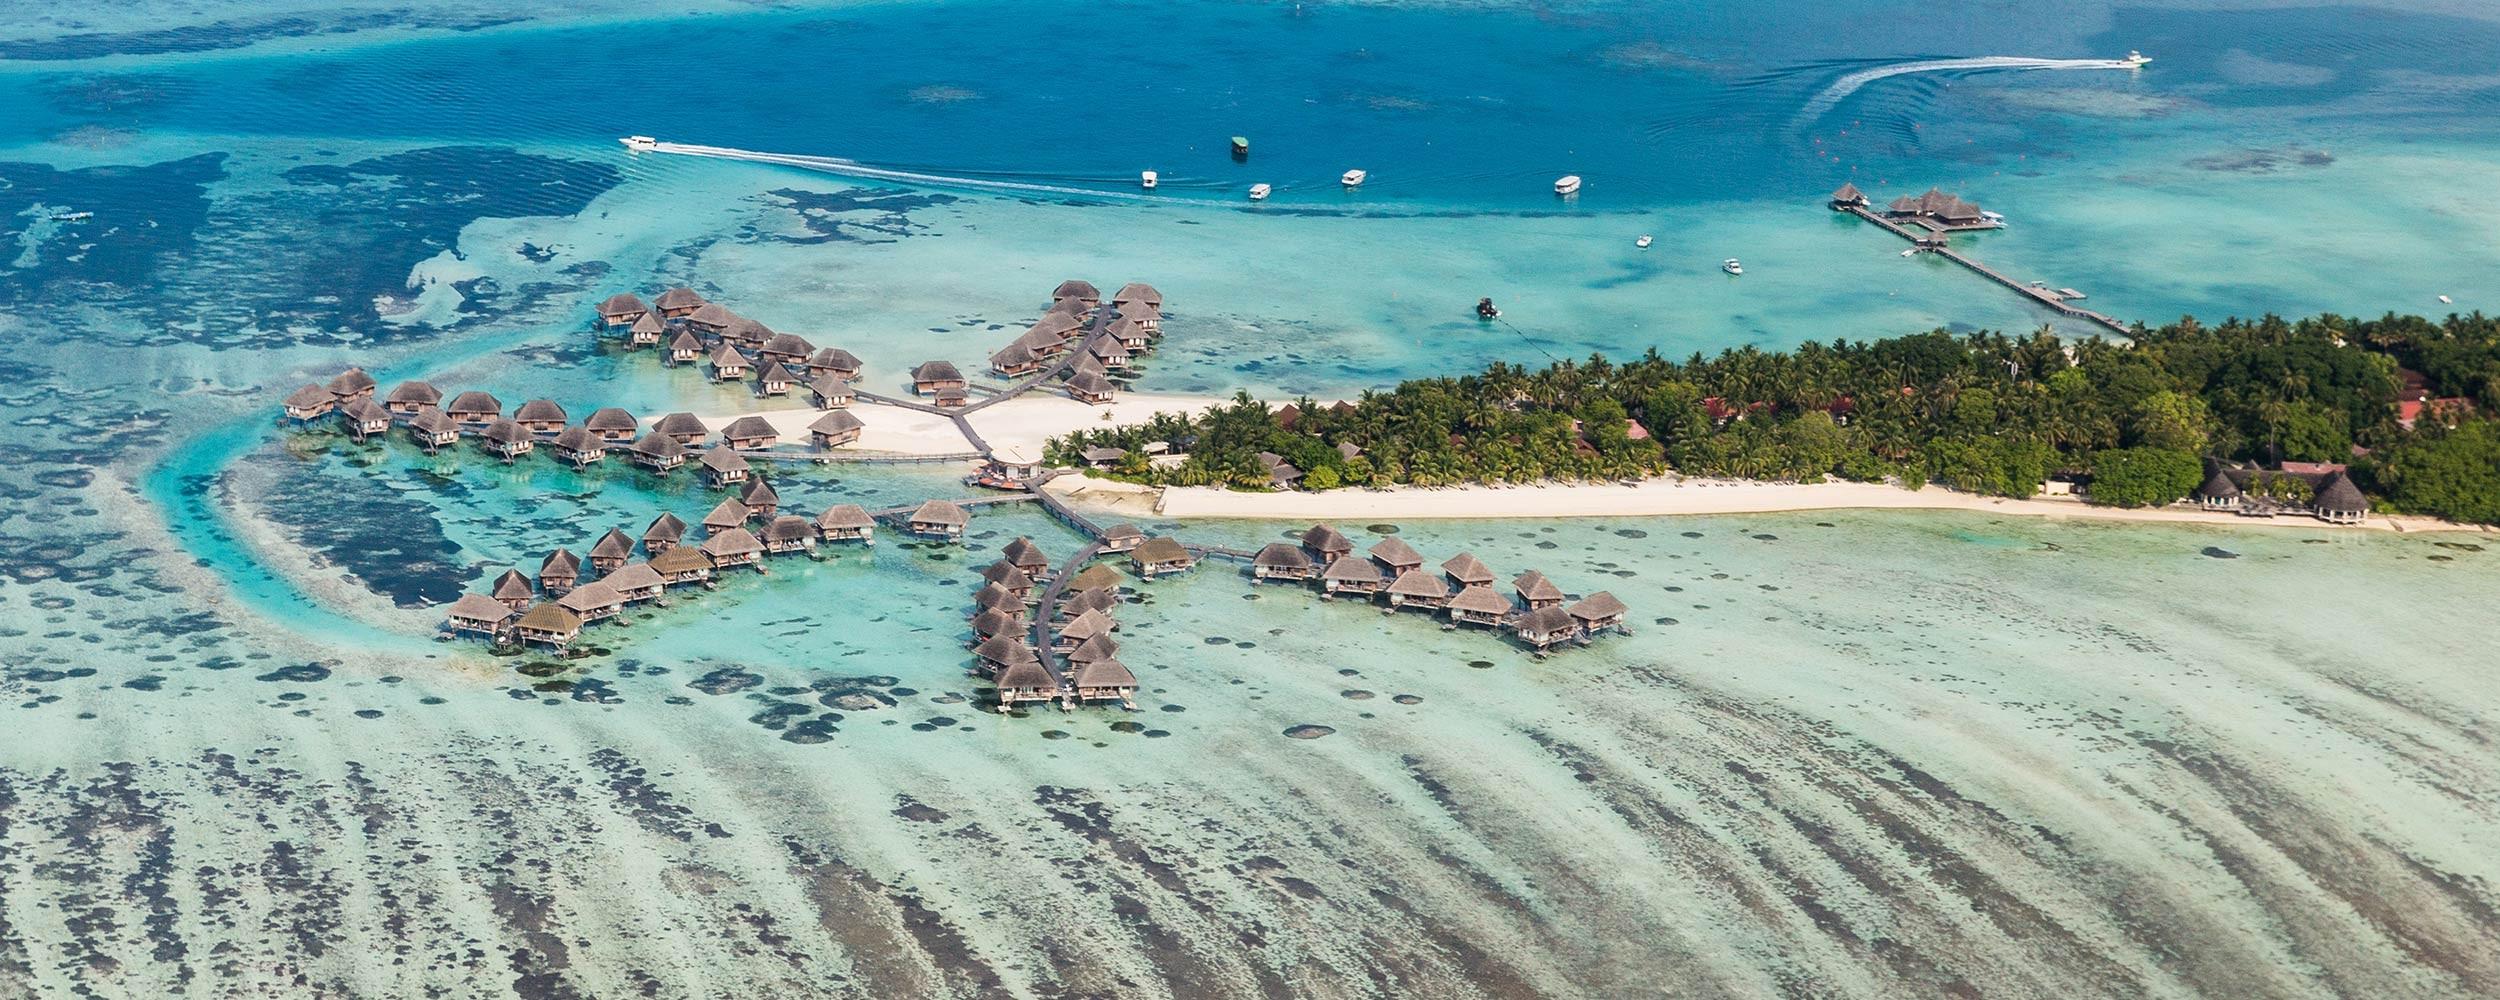 Maldives des atolls à perte de vue